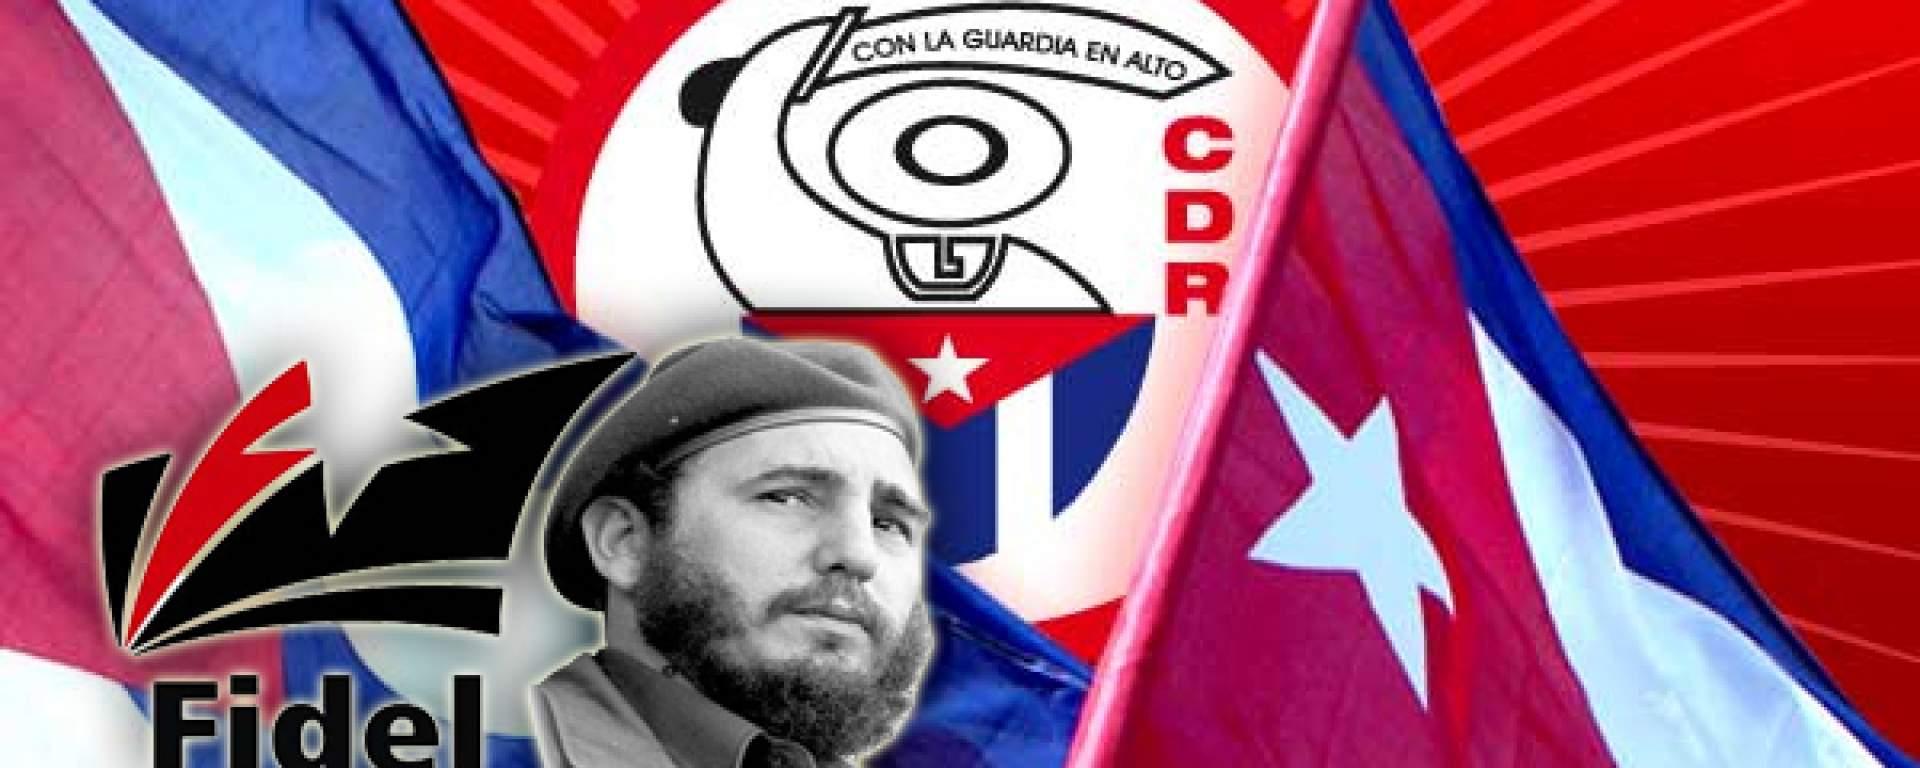 Homenaje a Fidel Castro como fundador de CDR cdr fidel bandera cubana